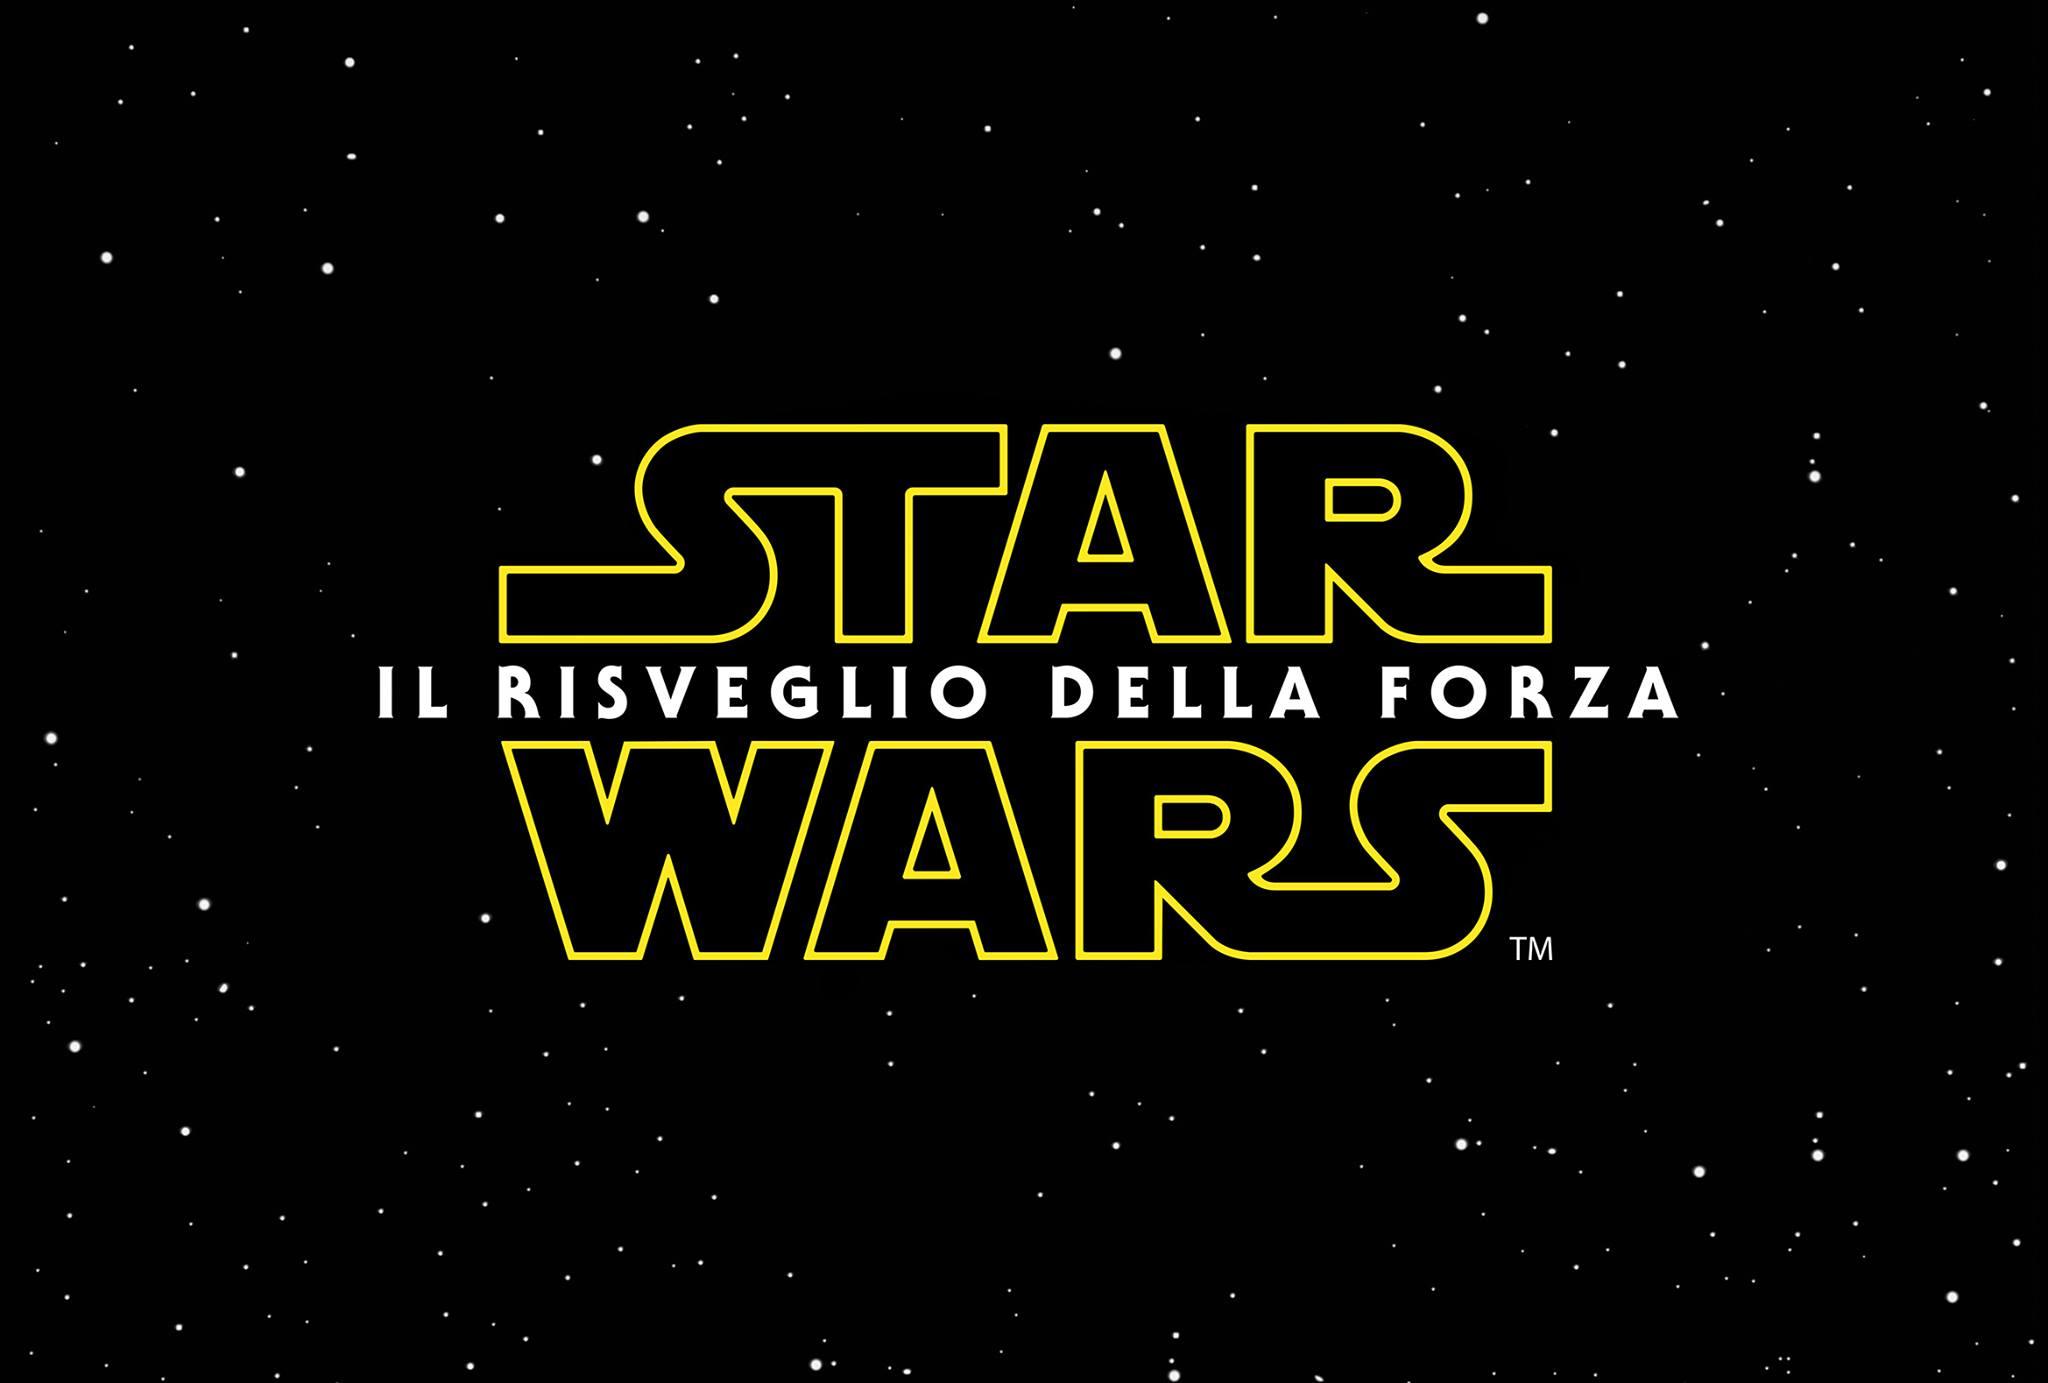 star-wars-risveglio-forza